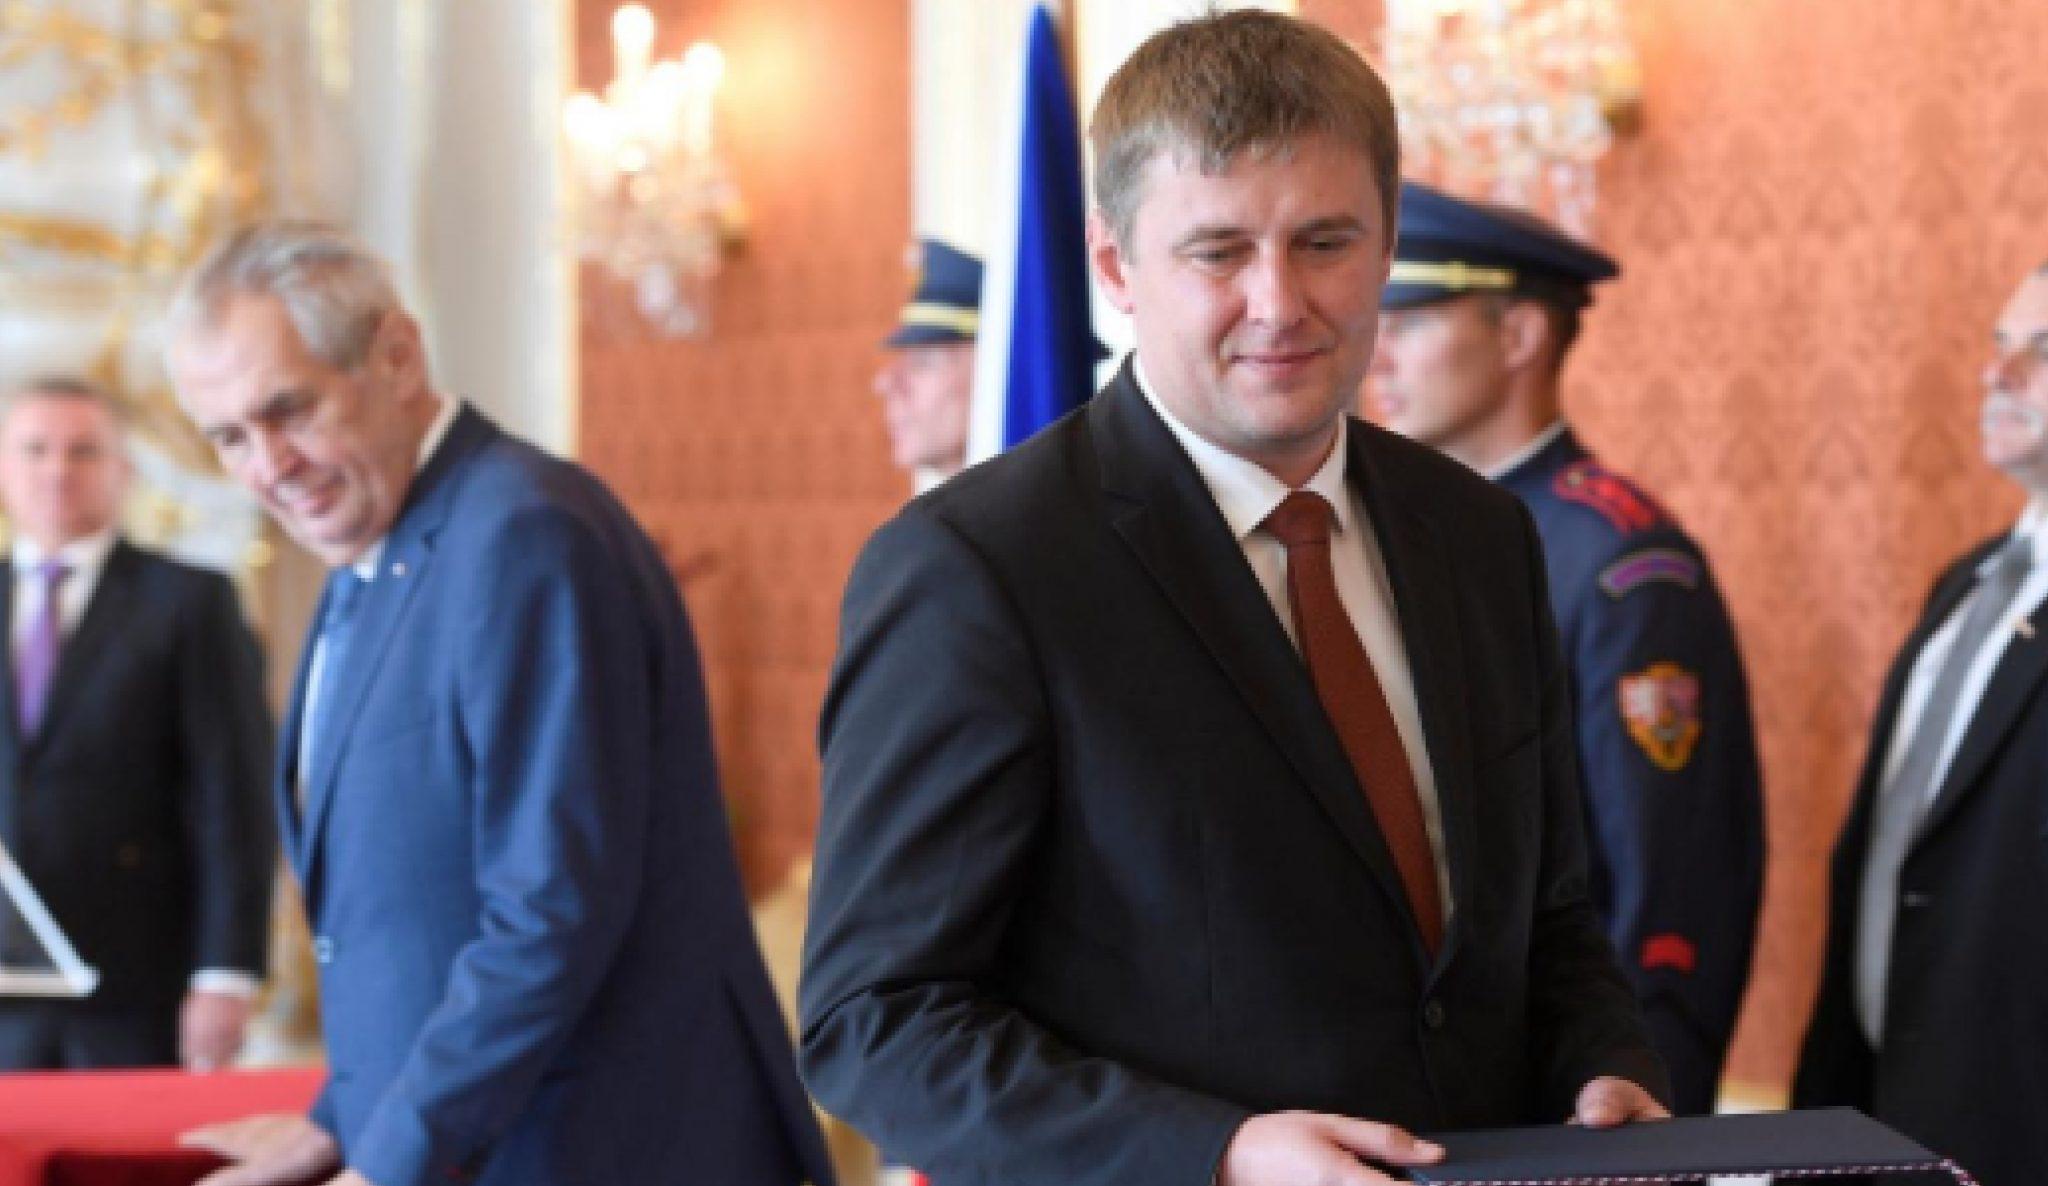 Jmenování Tomáše Petříčka ministrem zahraničí. (ČT)